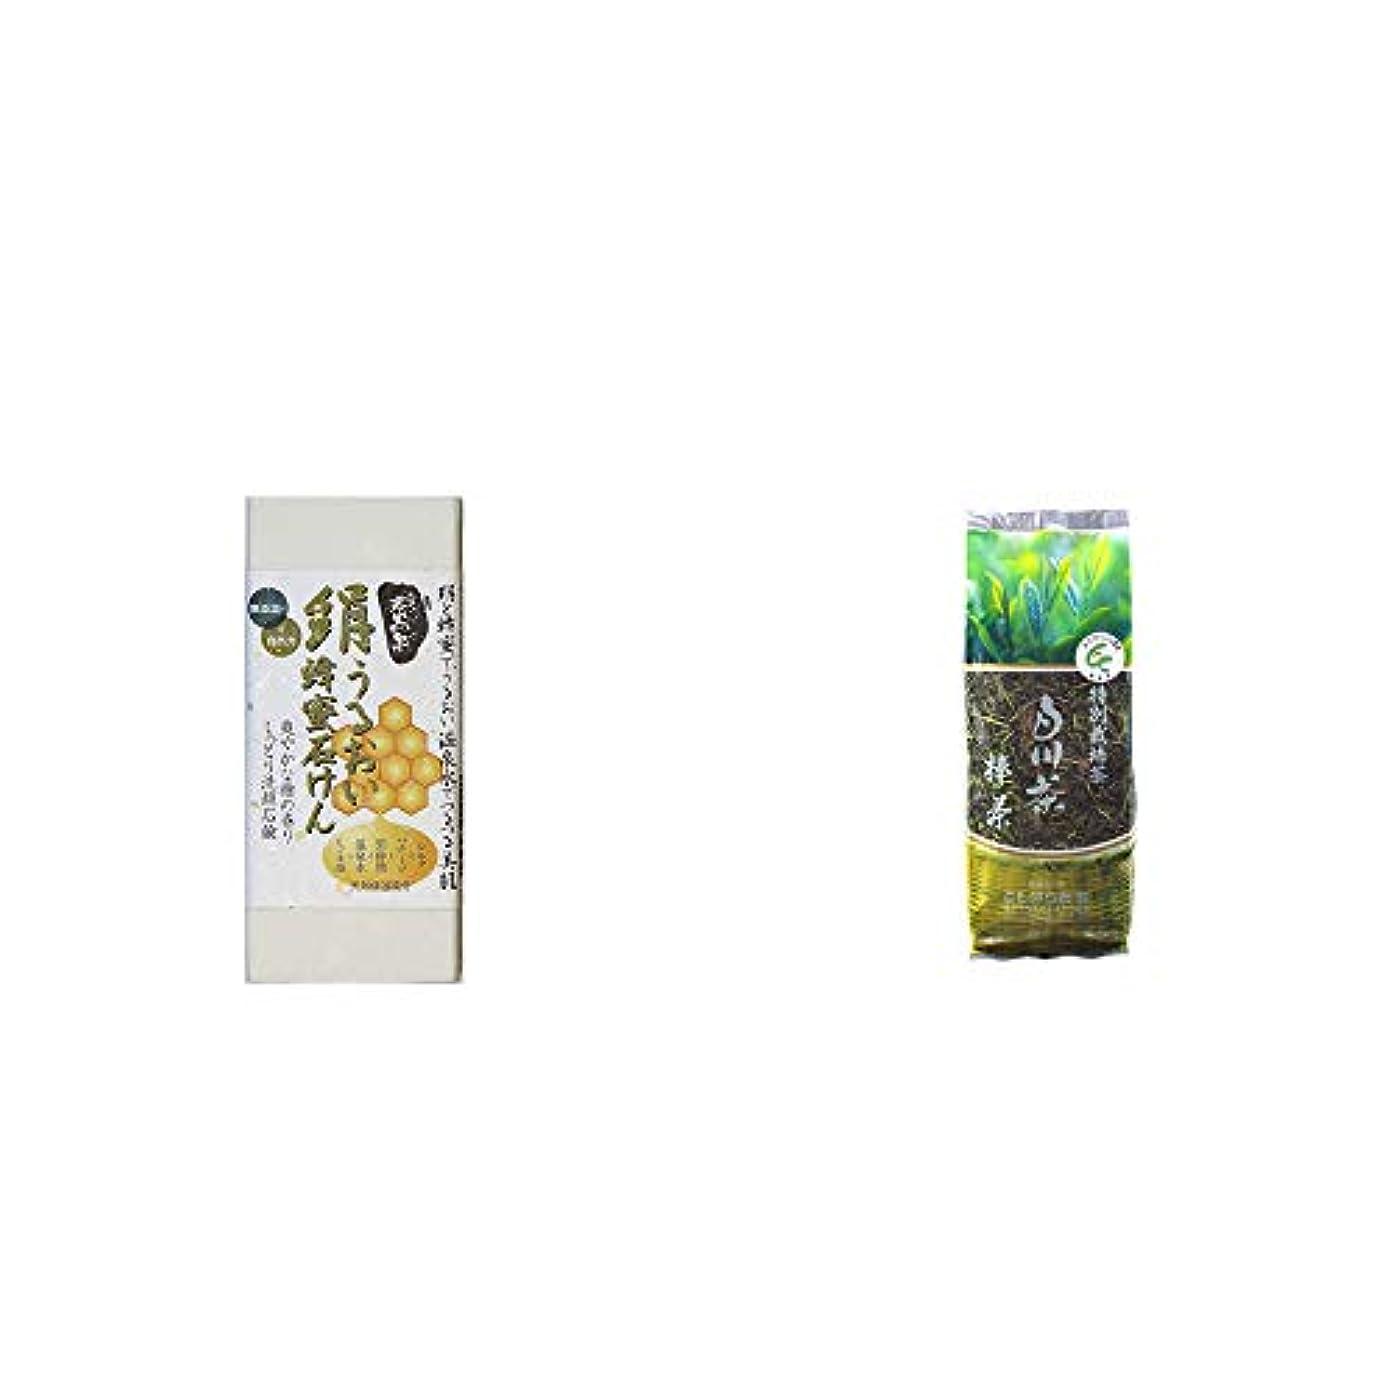 欲望革命やめる[2点セット] ひのき炭黒泉 絹うるおい蜂蜜石けん(75g×2)?白川茶 特別栽培茶【棒茶】(150g)